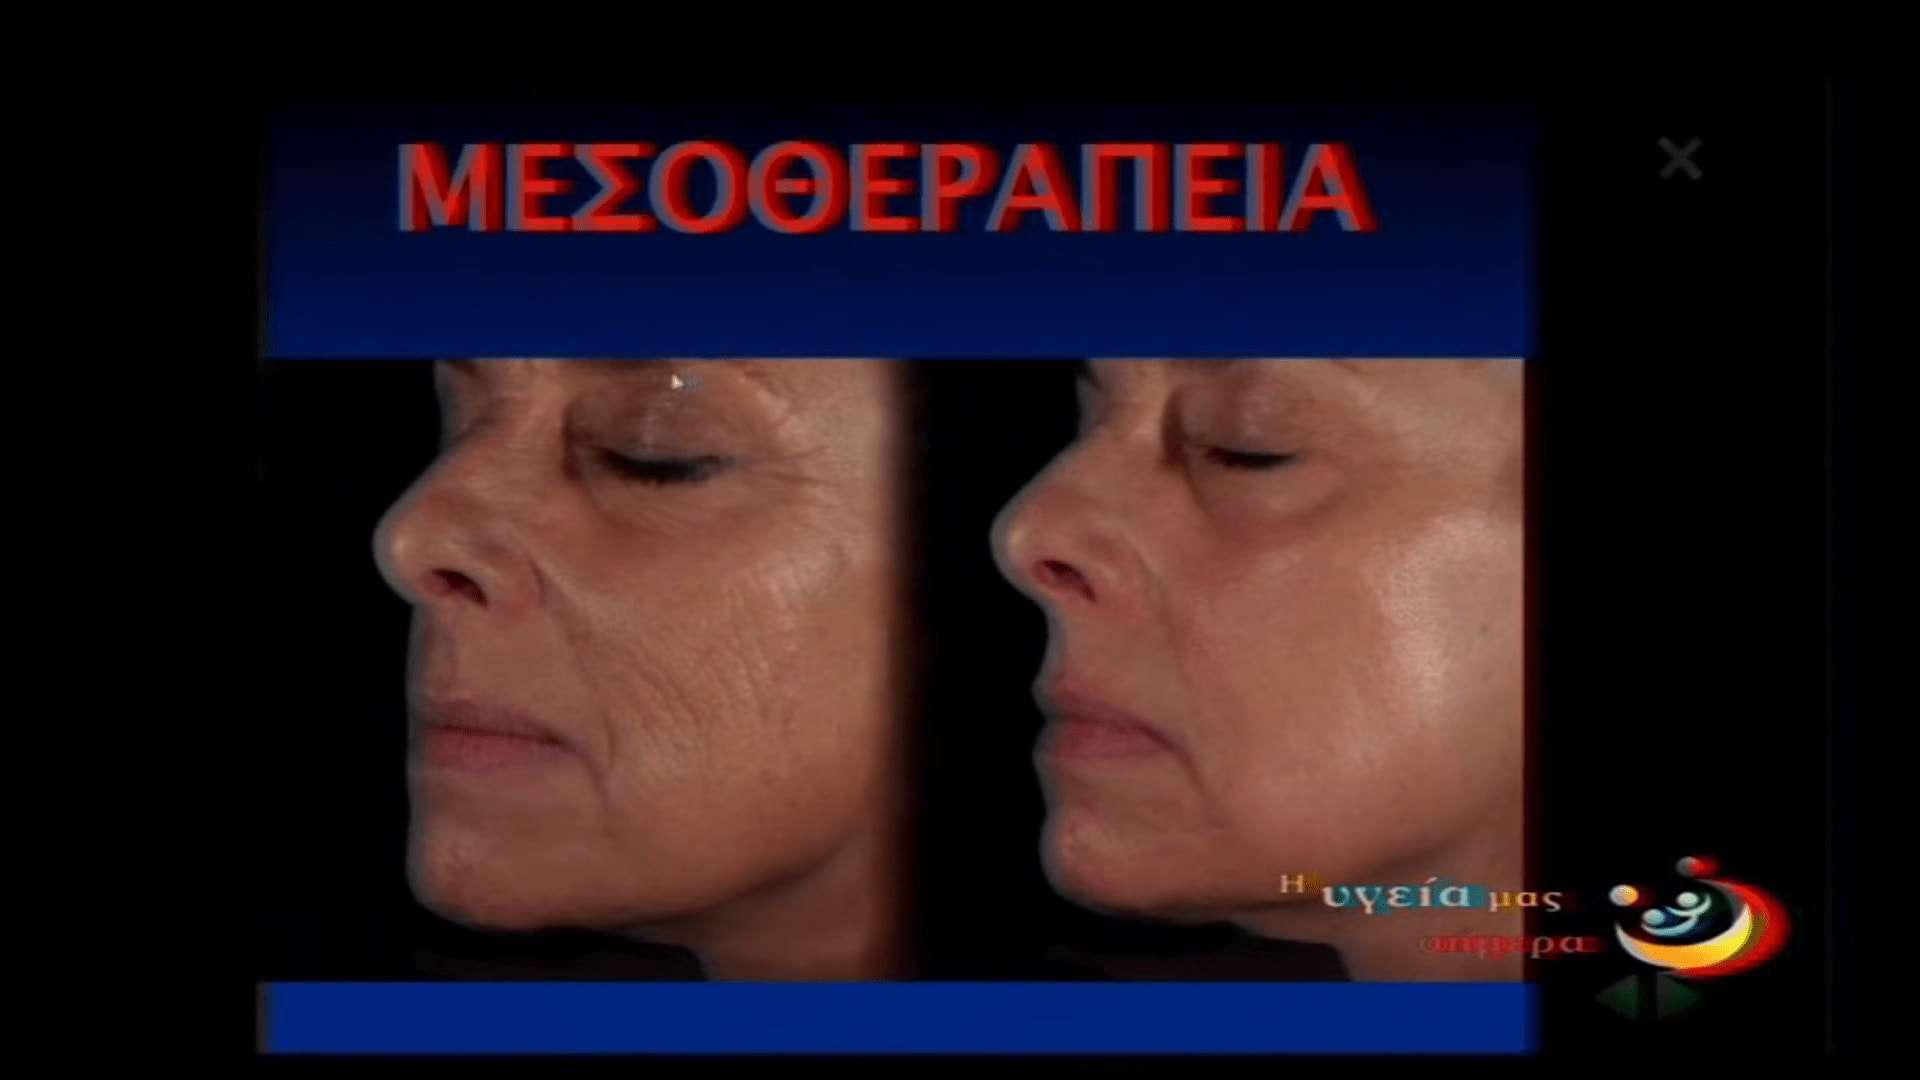 Μεσοθεραπεία σε γυναικείο πρόσωπο